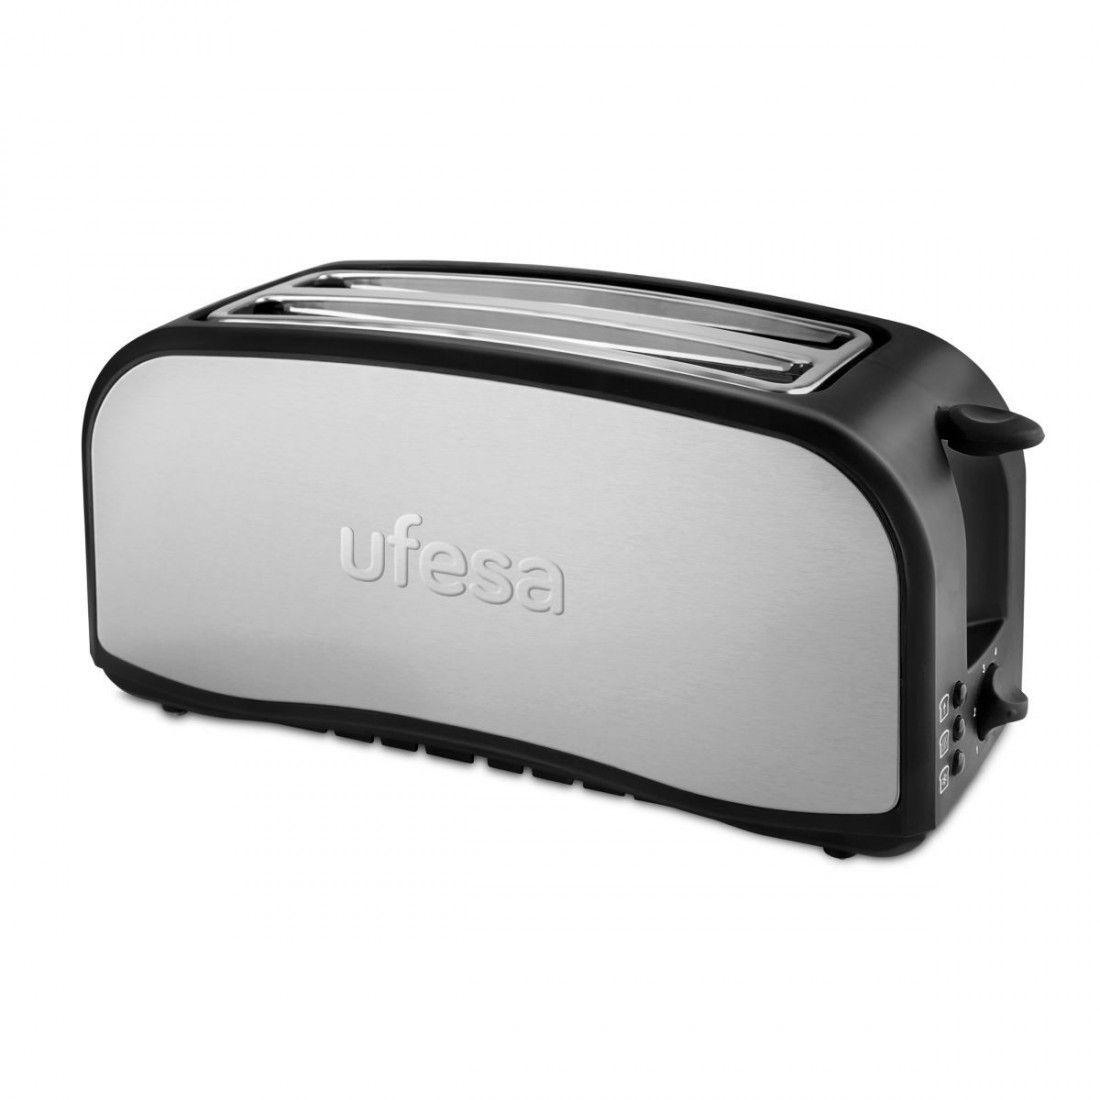 Tostador Ufesa TT 7975